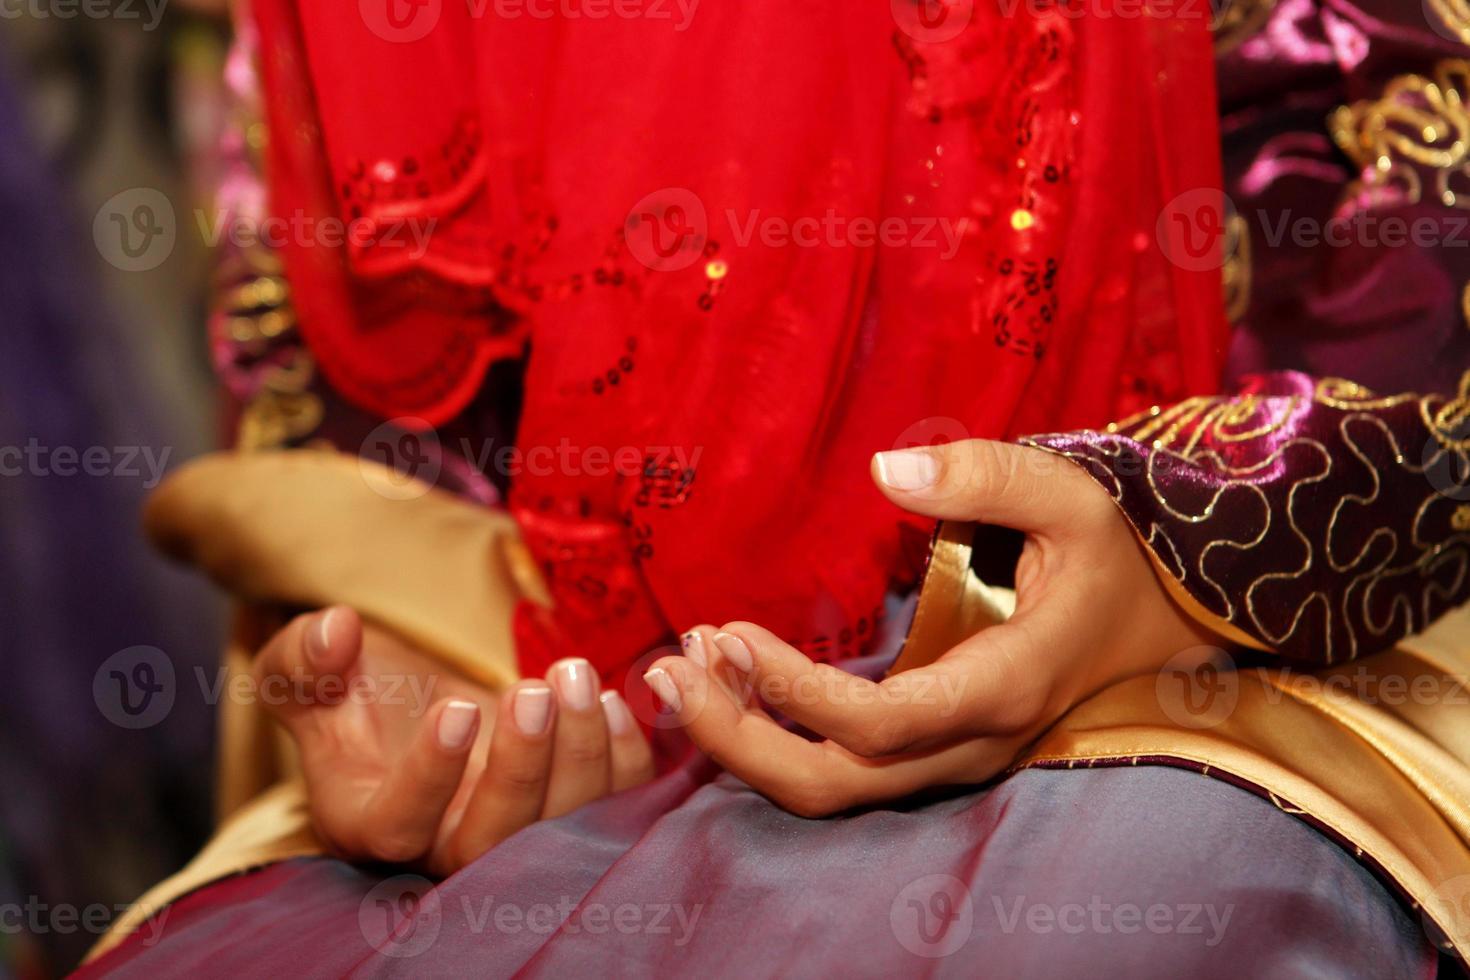 Ceremonia de henna tradicional antes de la boda en Turquía foto